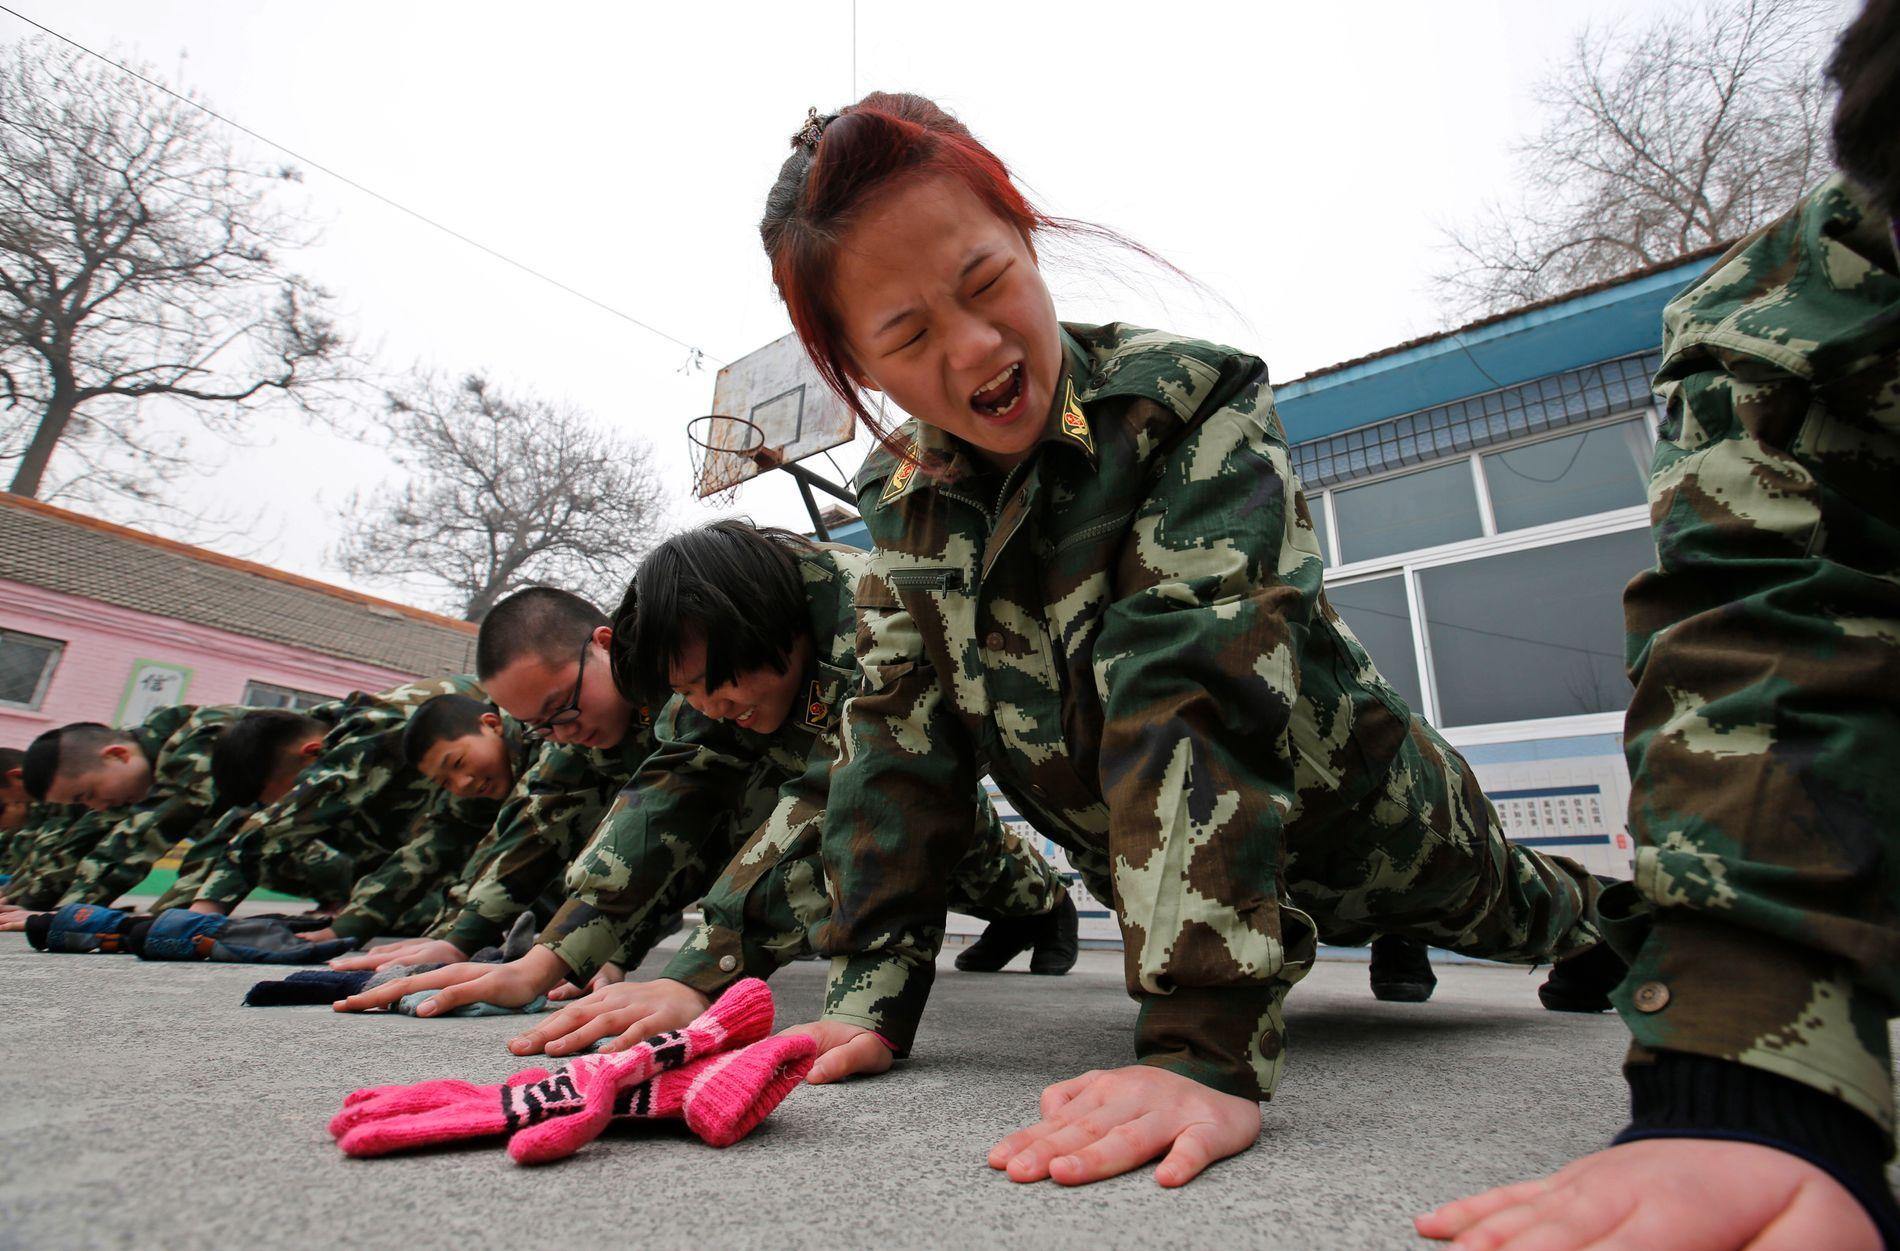 BOOT CAMPS: De siste årene har mange  avvenningsteder dukket opp i Kina og Asia, i kampen mot barnas skjermavhengighet. Den militære disiplinen og de røffe behandlingsmetodene er kontroversielle, her får en gruppe barn gruppestraff ved Qide Education Center in Beijing.